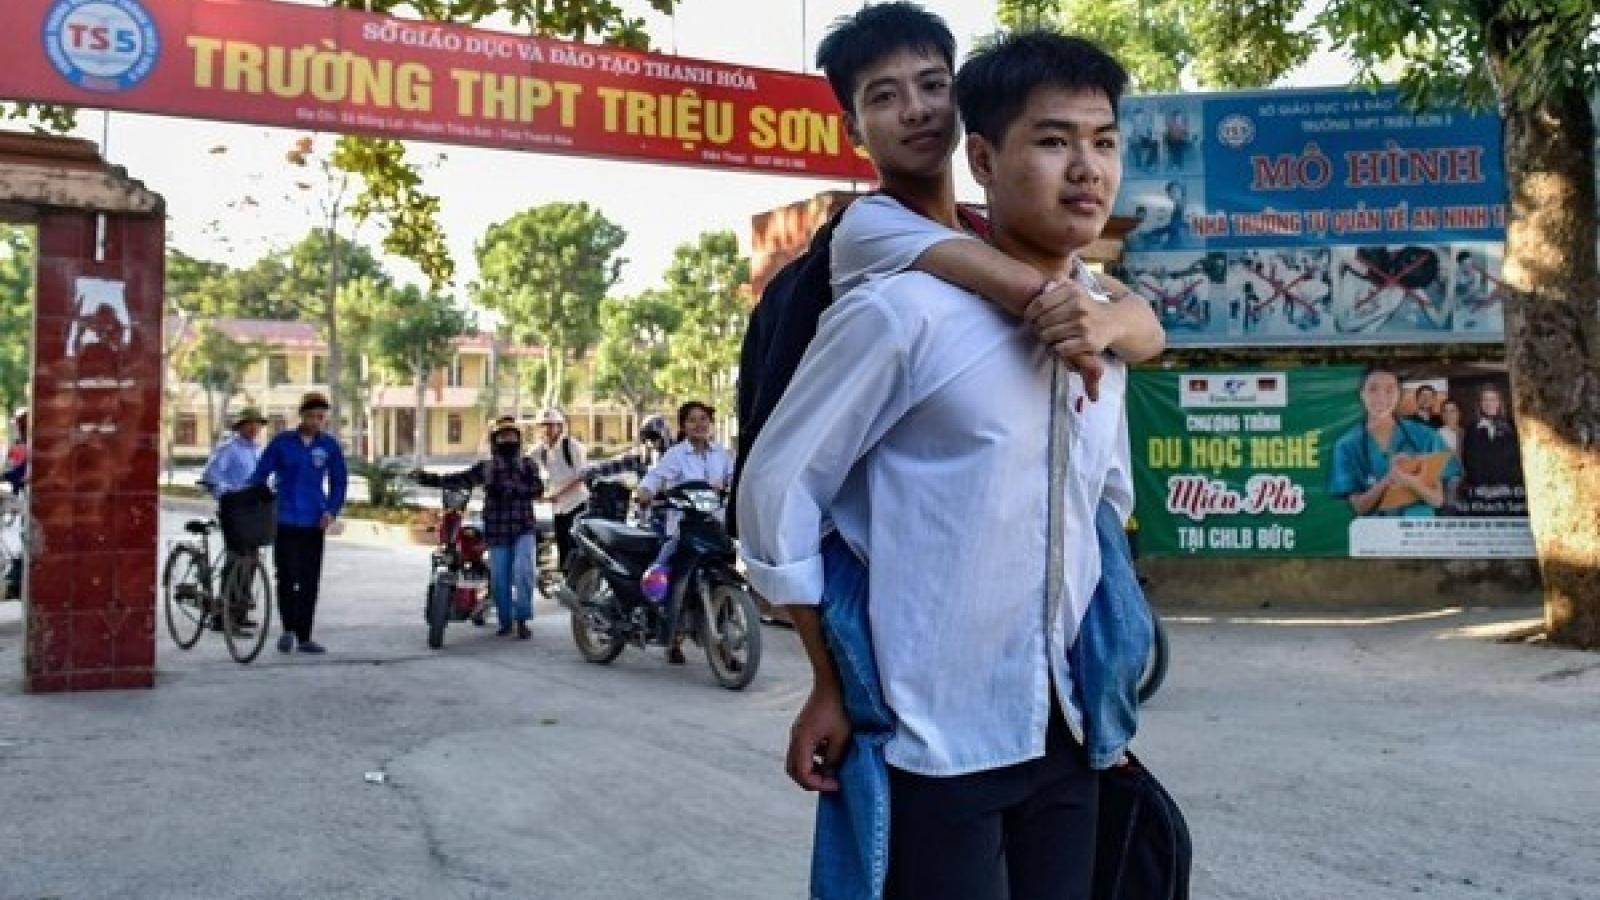 Đại học Y dược Thái Bình miễn học phí cho nam sinh 10 năm cõng bạn đến trường